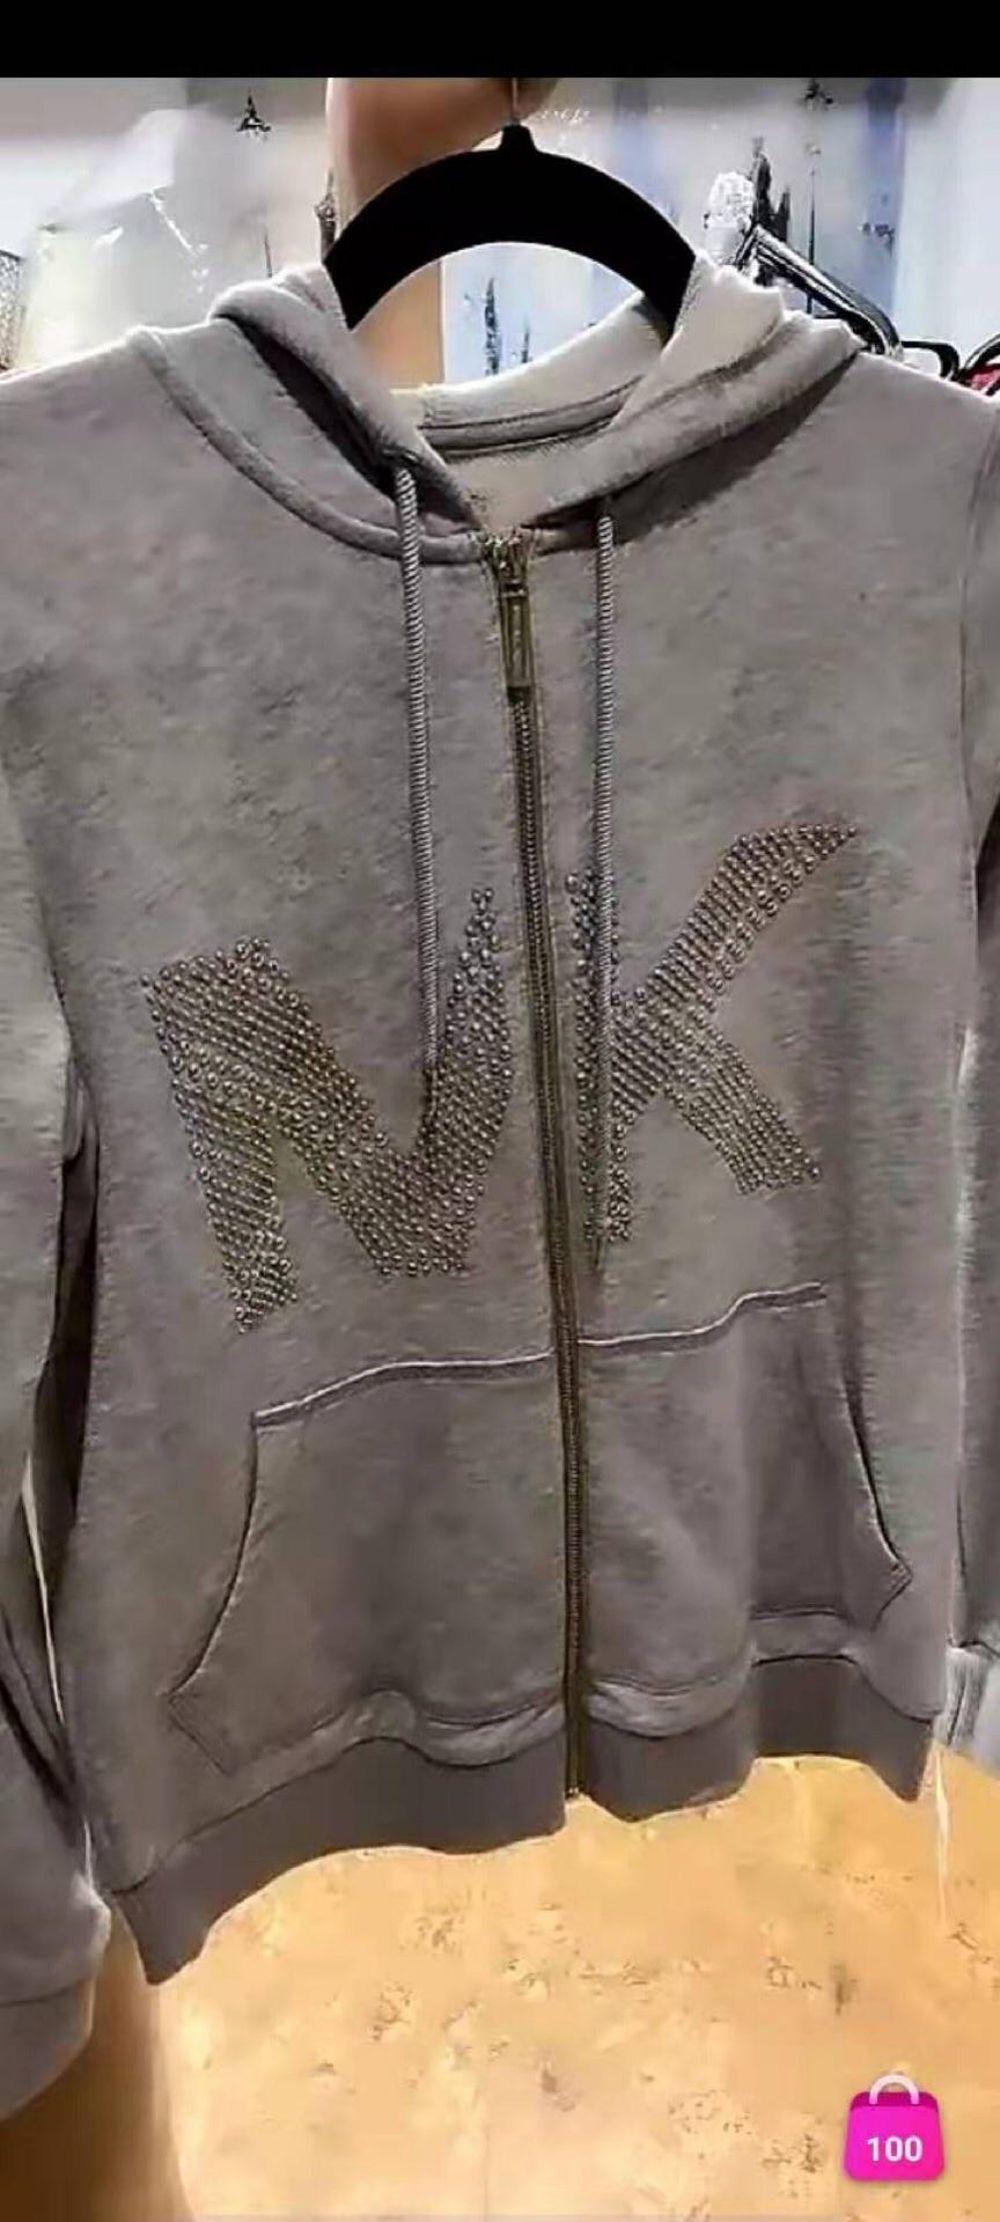 MK 卫衣特价350 xs码胸围98 L码胸围116